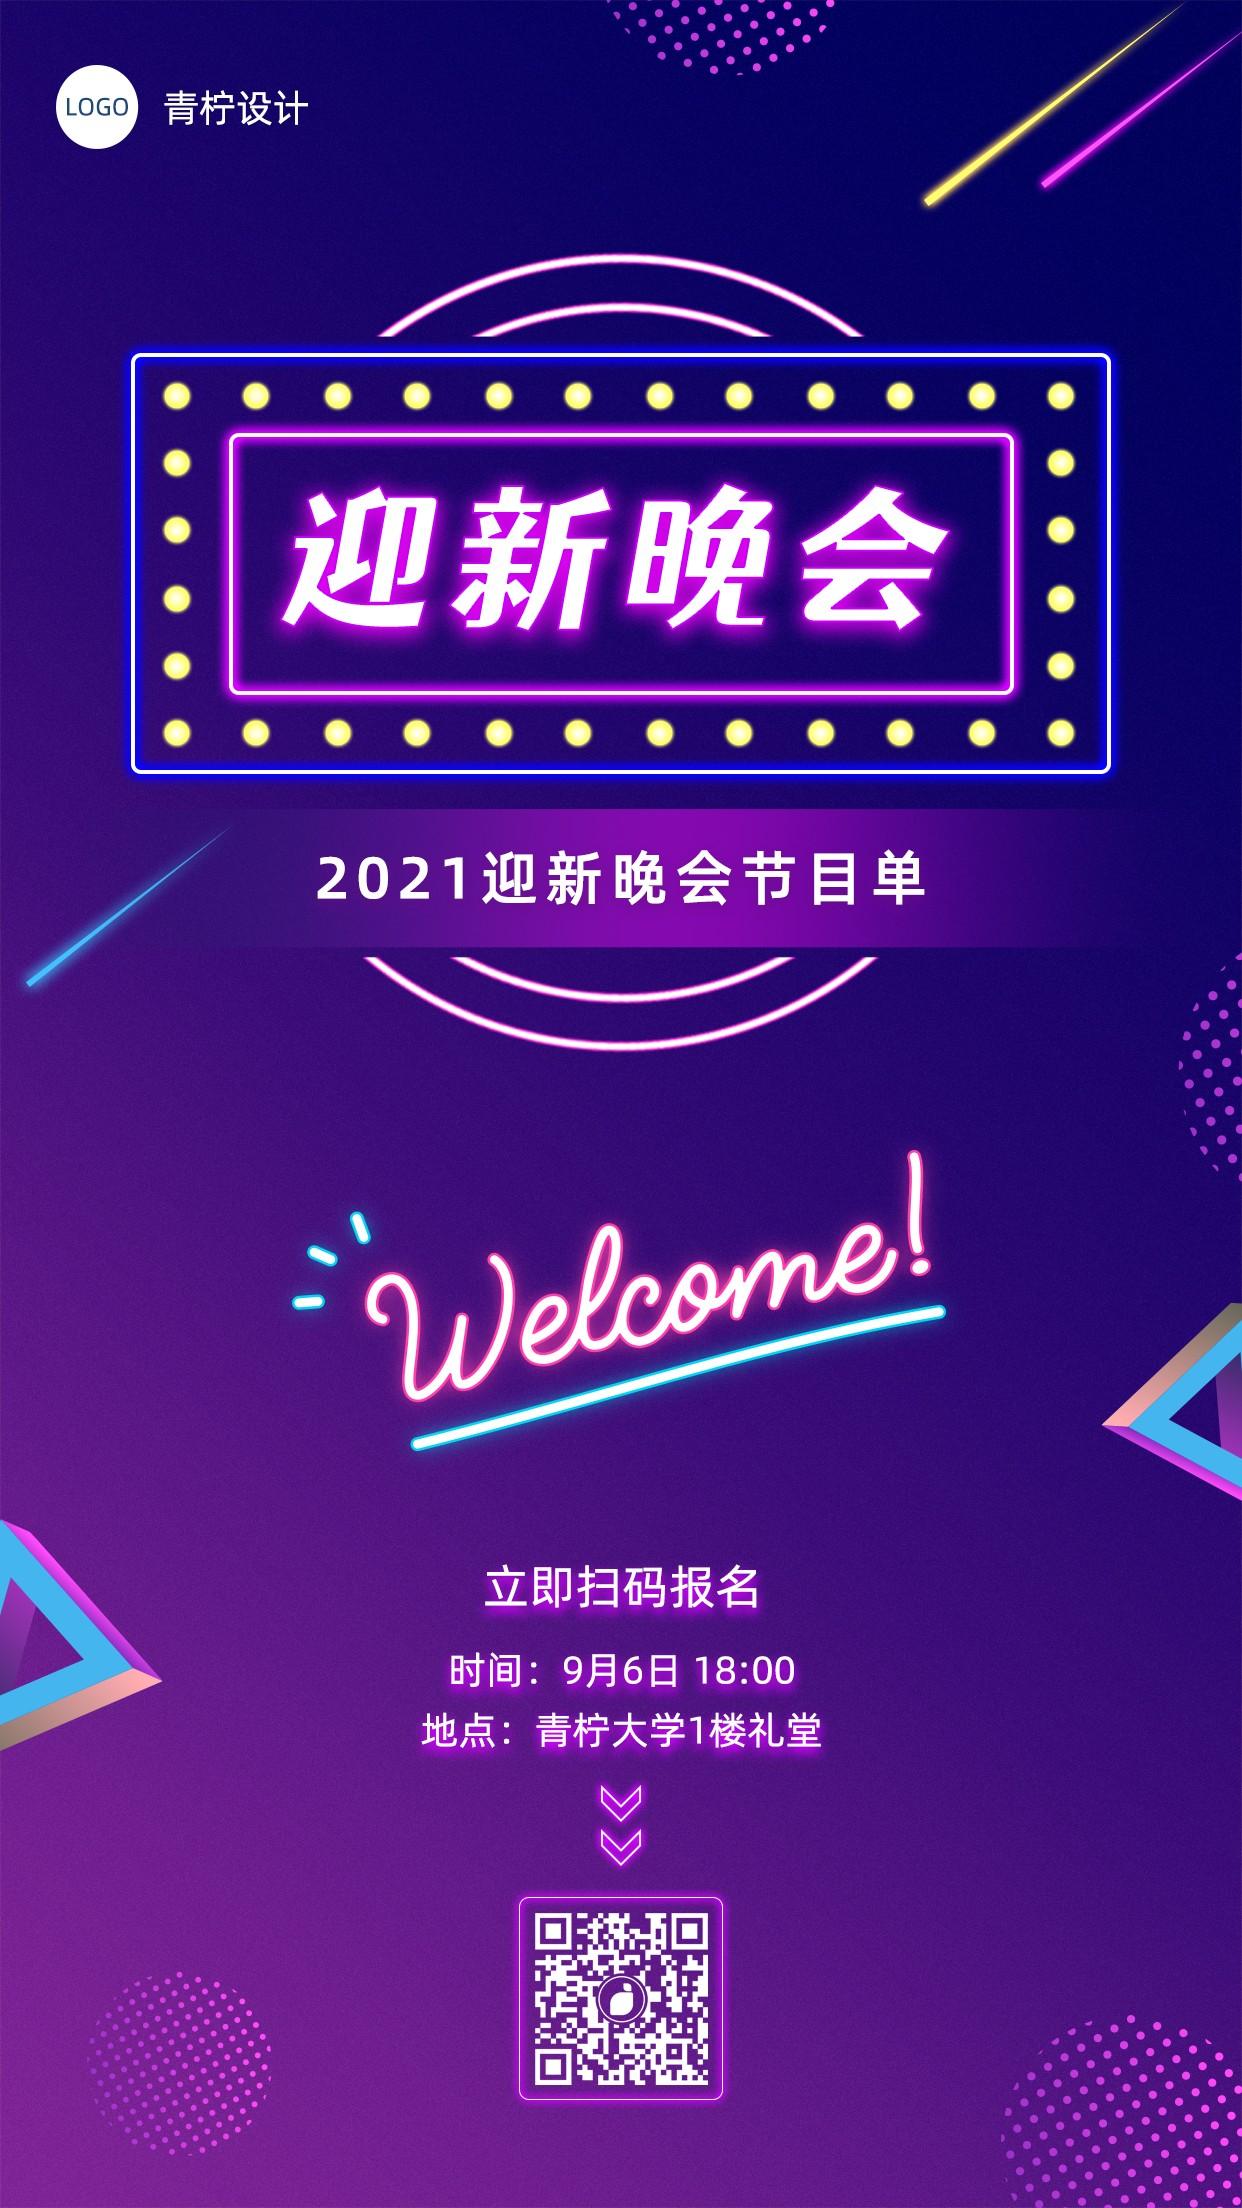 酷炫社团招新手机海报